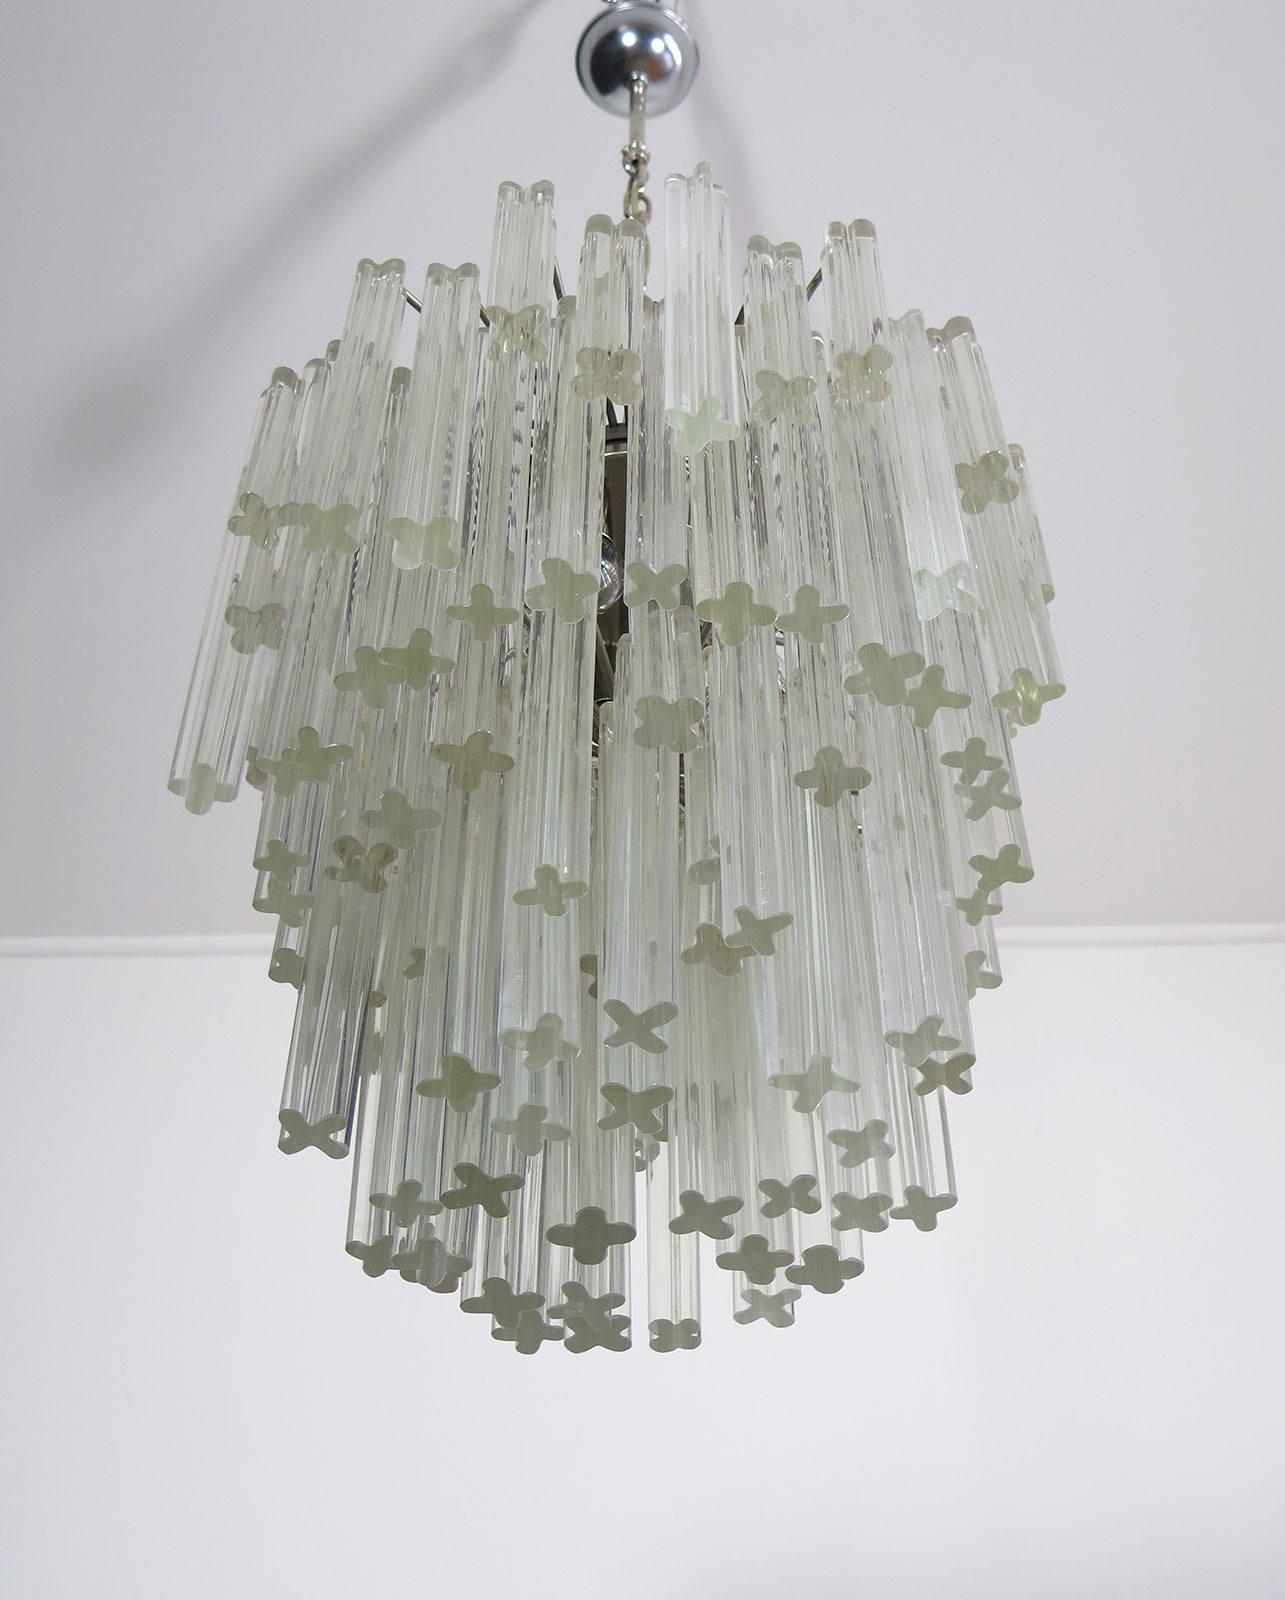 Murano big chandelier venini 107 prism quadriedri description translated by microsoft arubaitofo Image collections